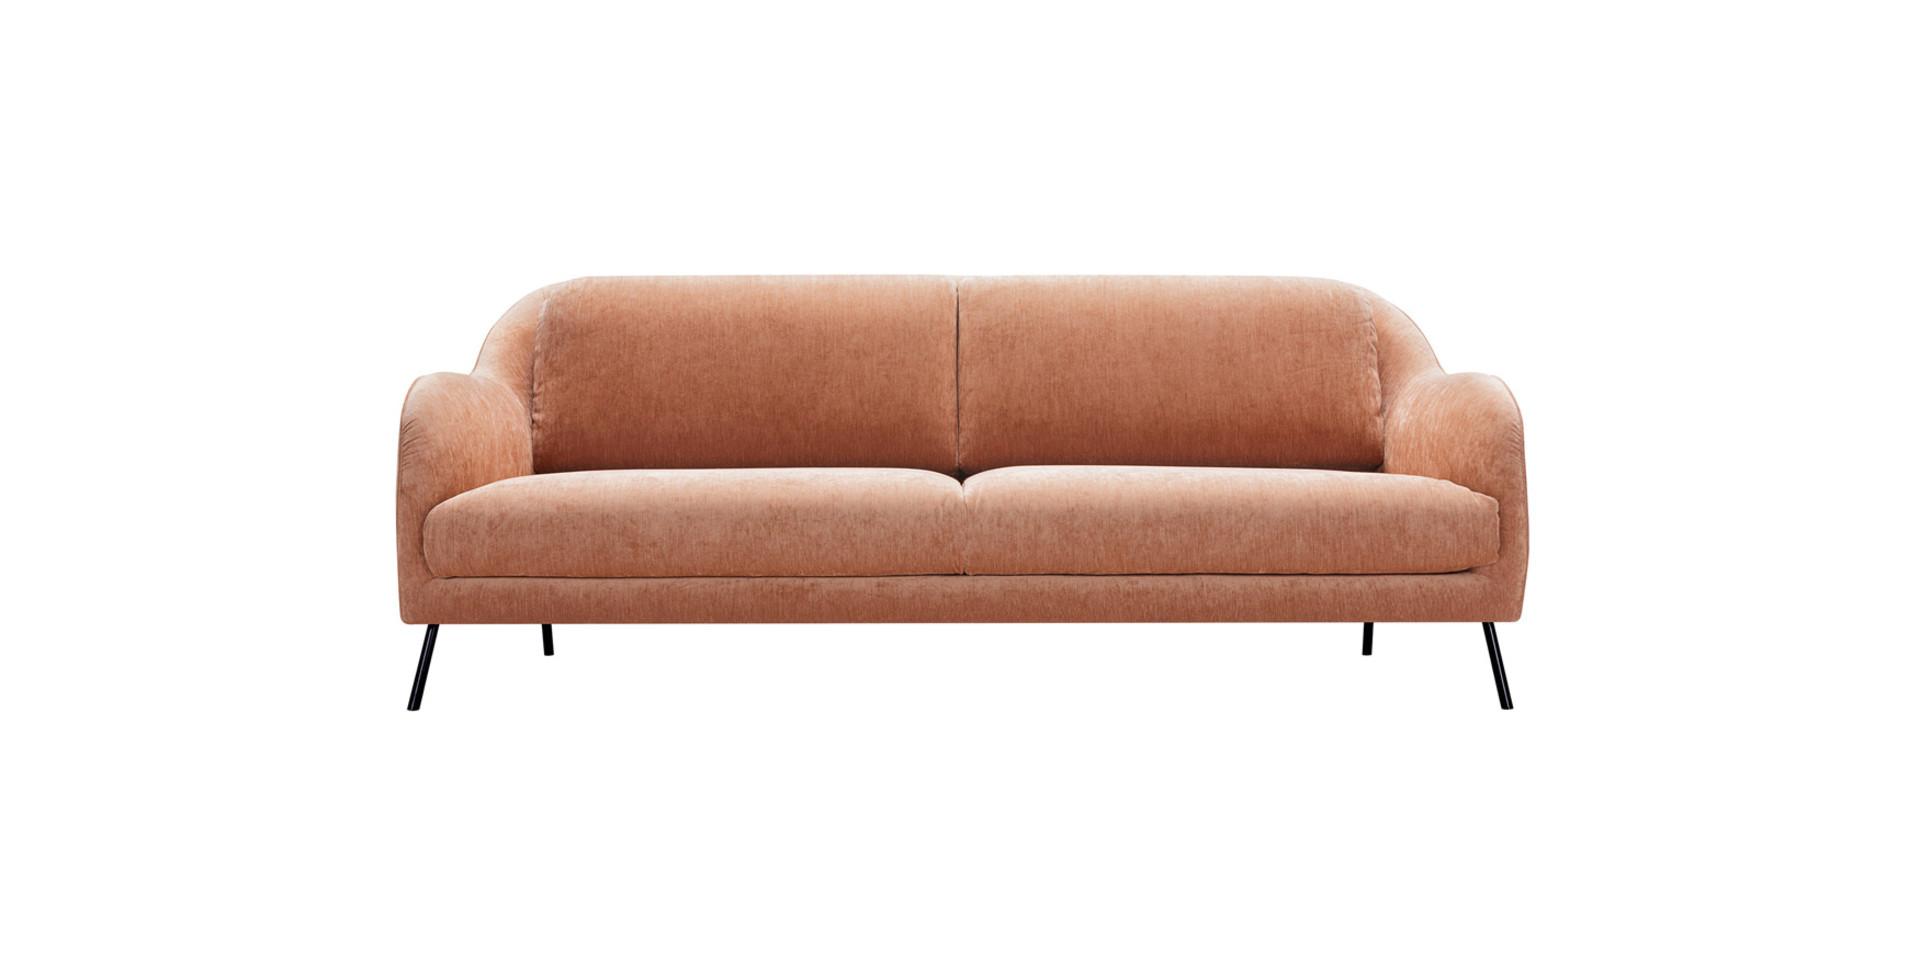 Canapé KARIN